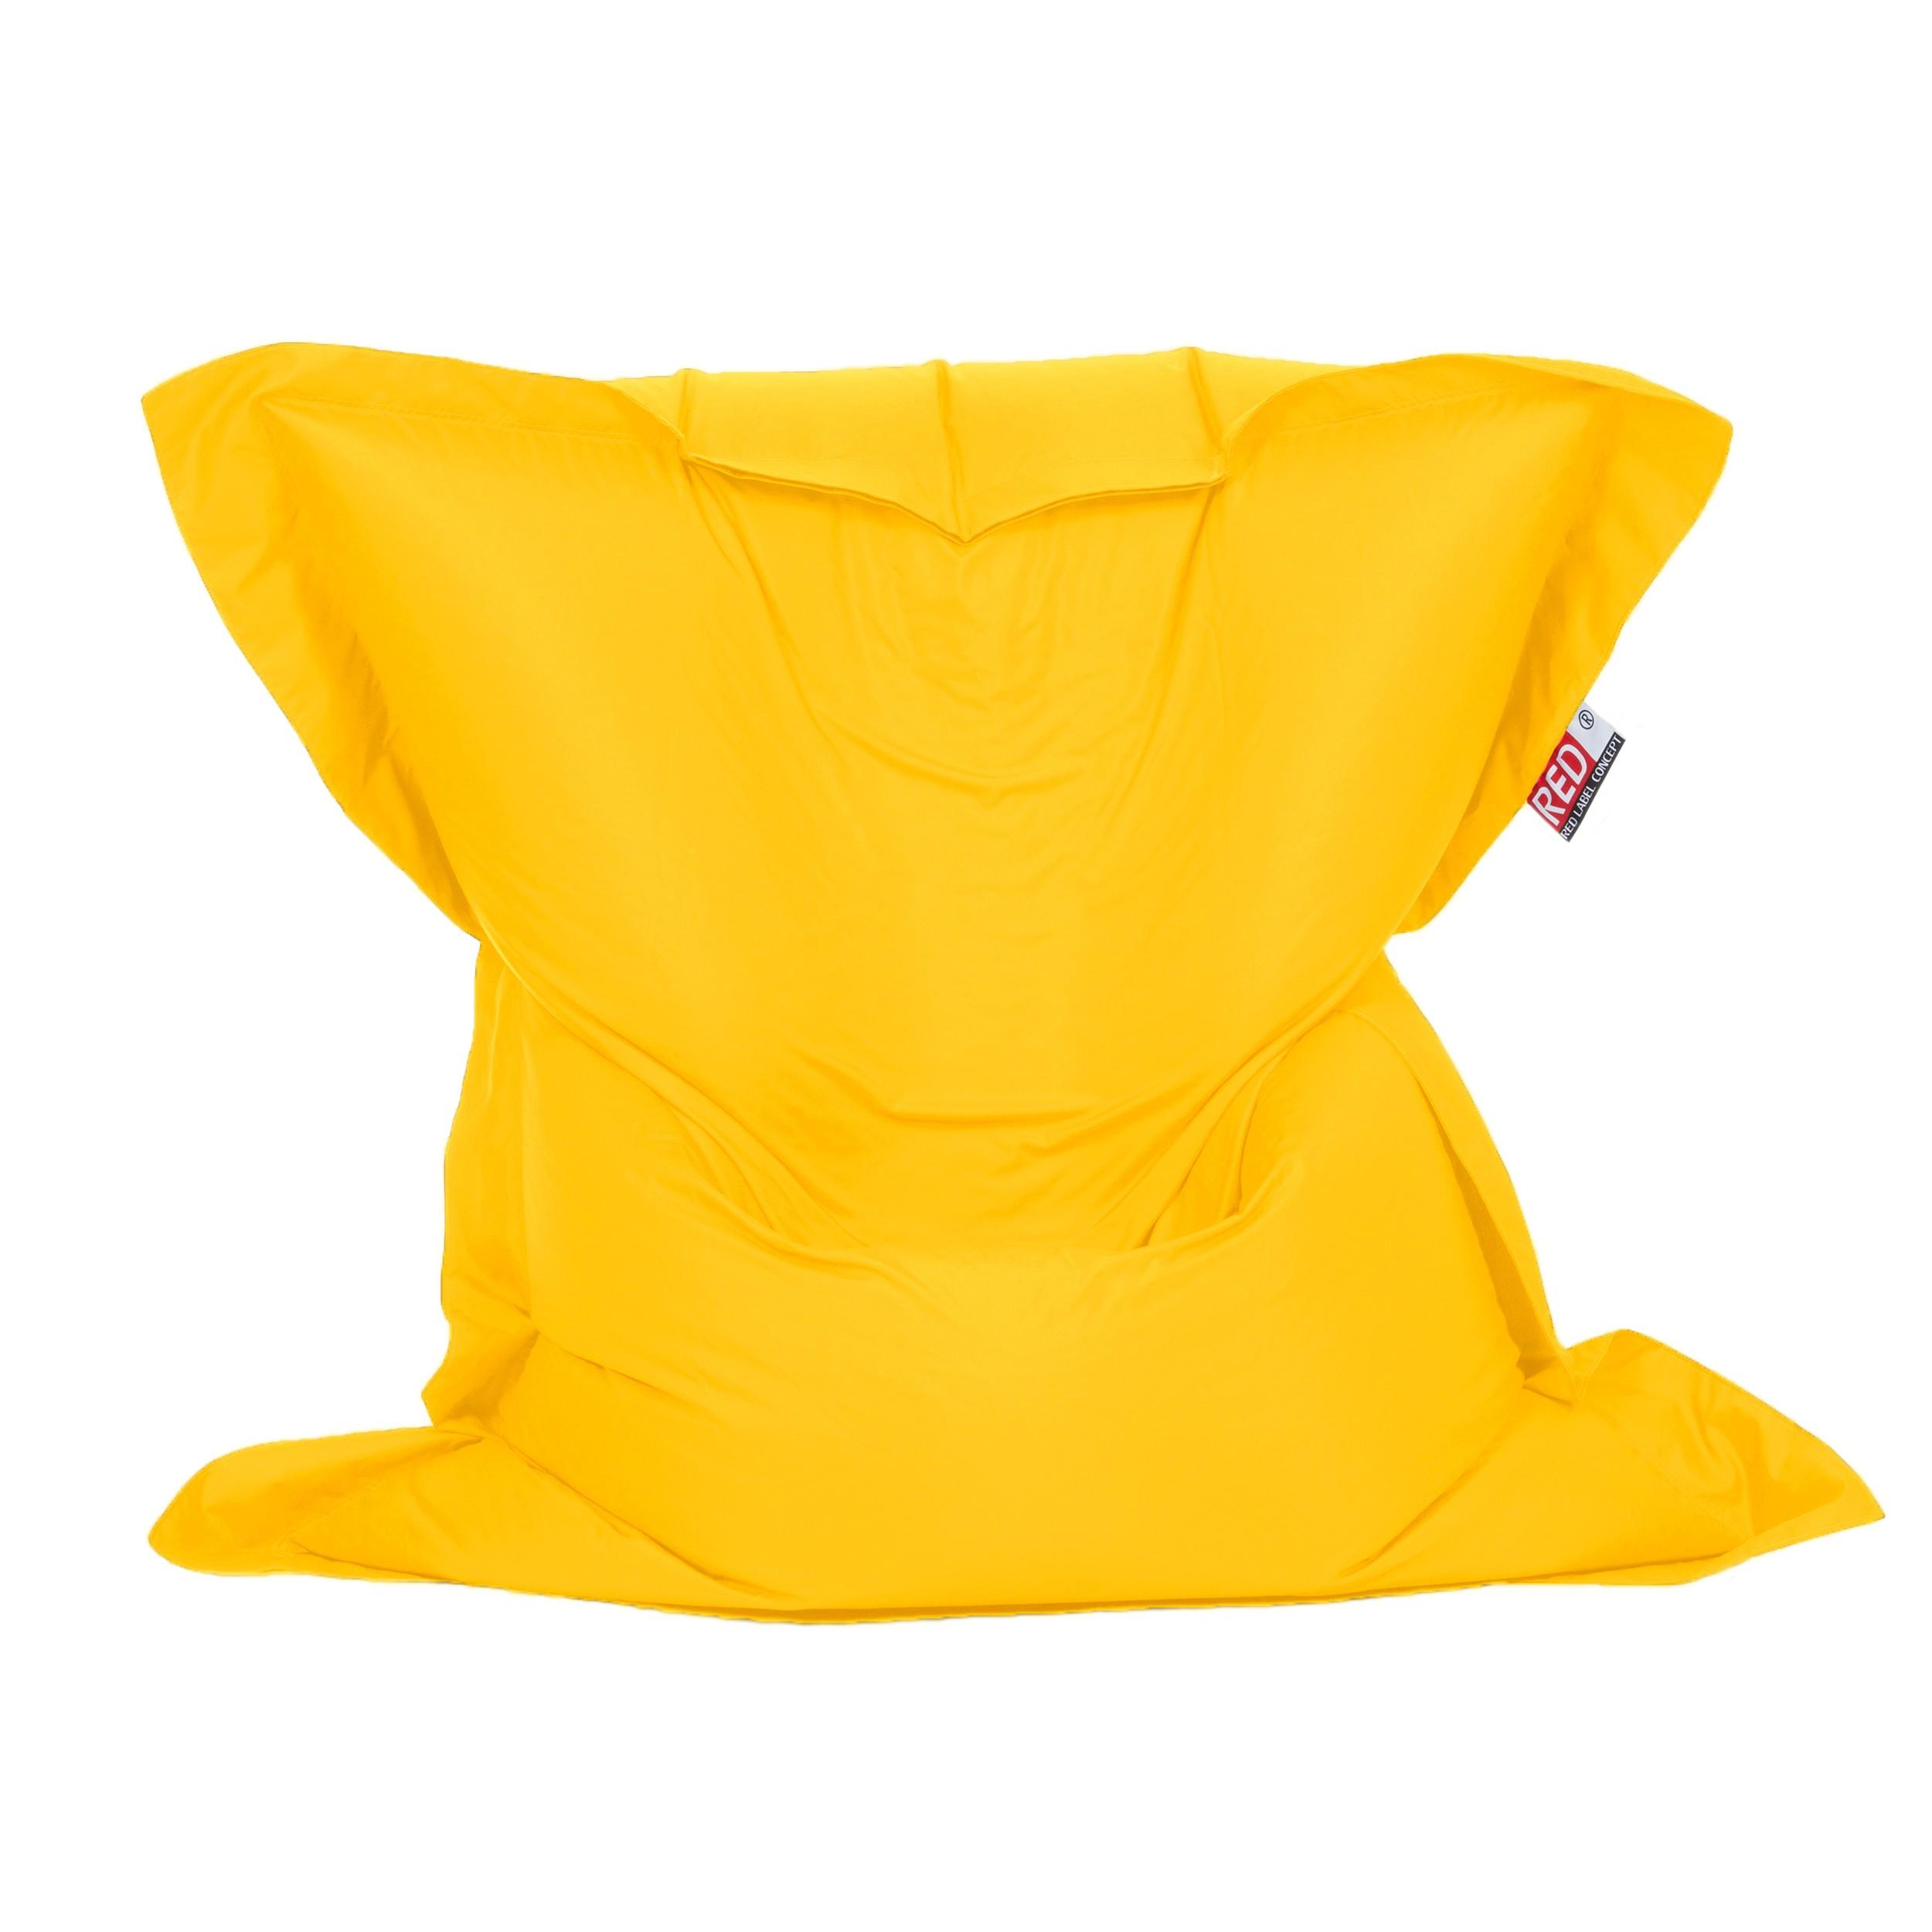 achat pouf coussin jaune interieur exterieur